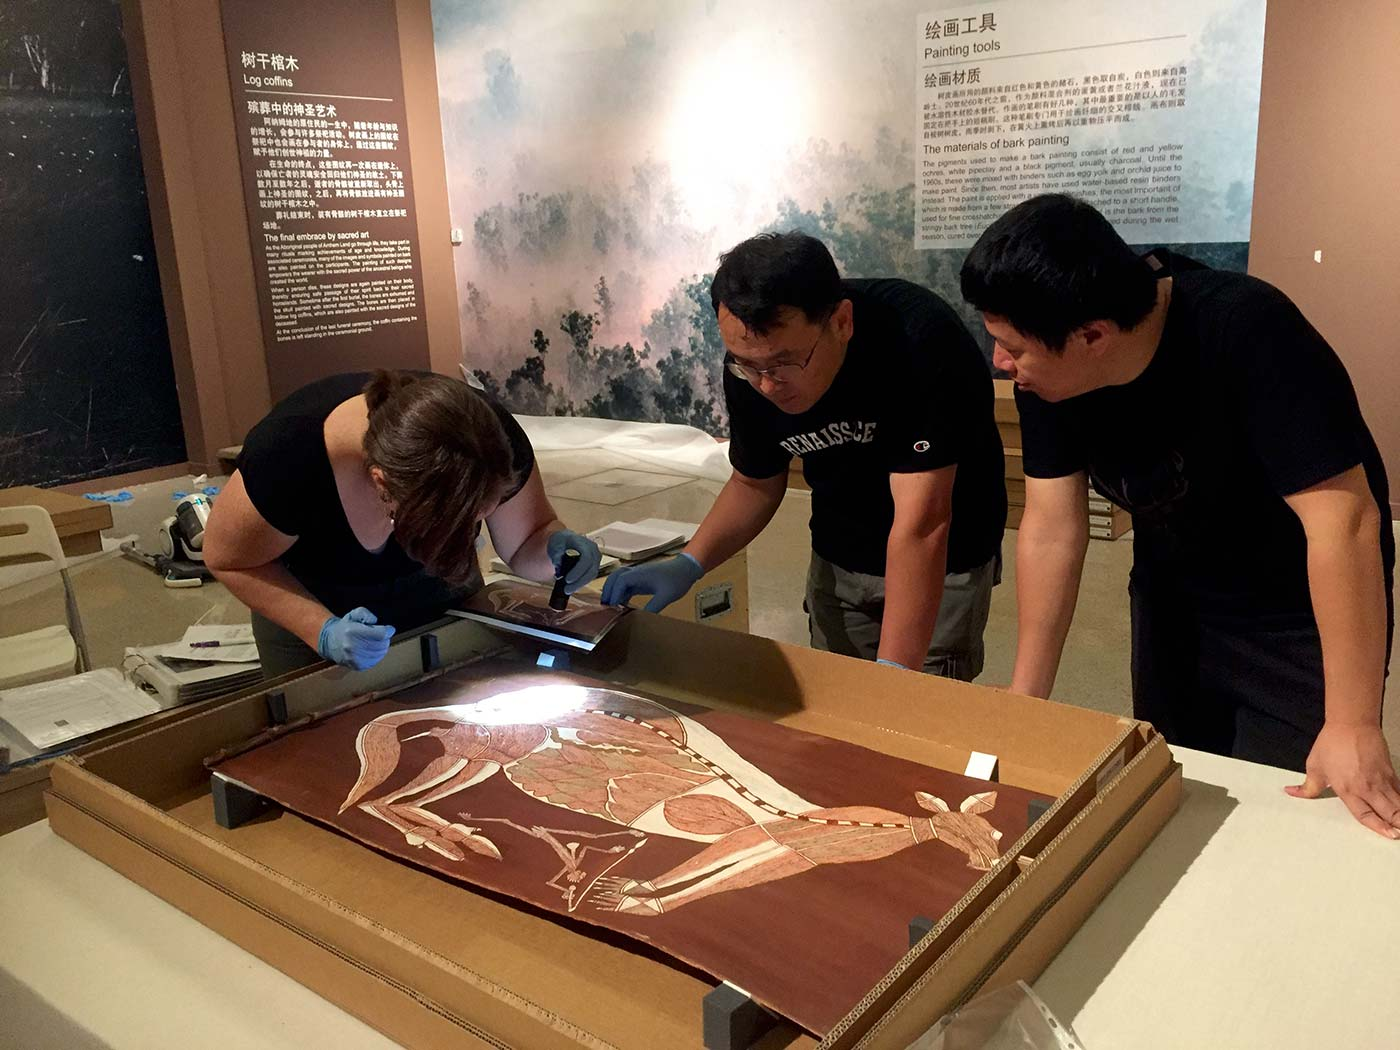 Three museum staff inspect an artwork featuring a kangaroo.